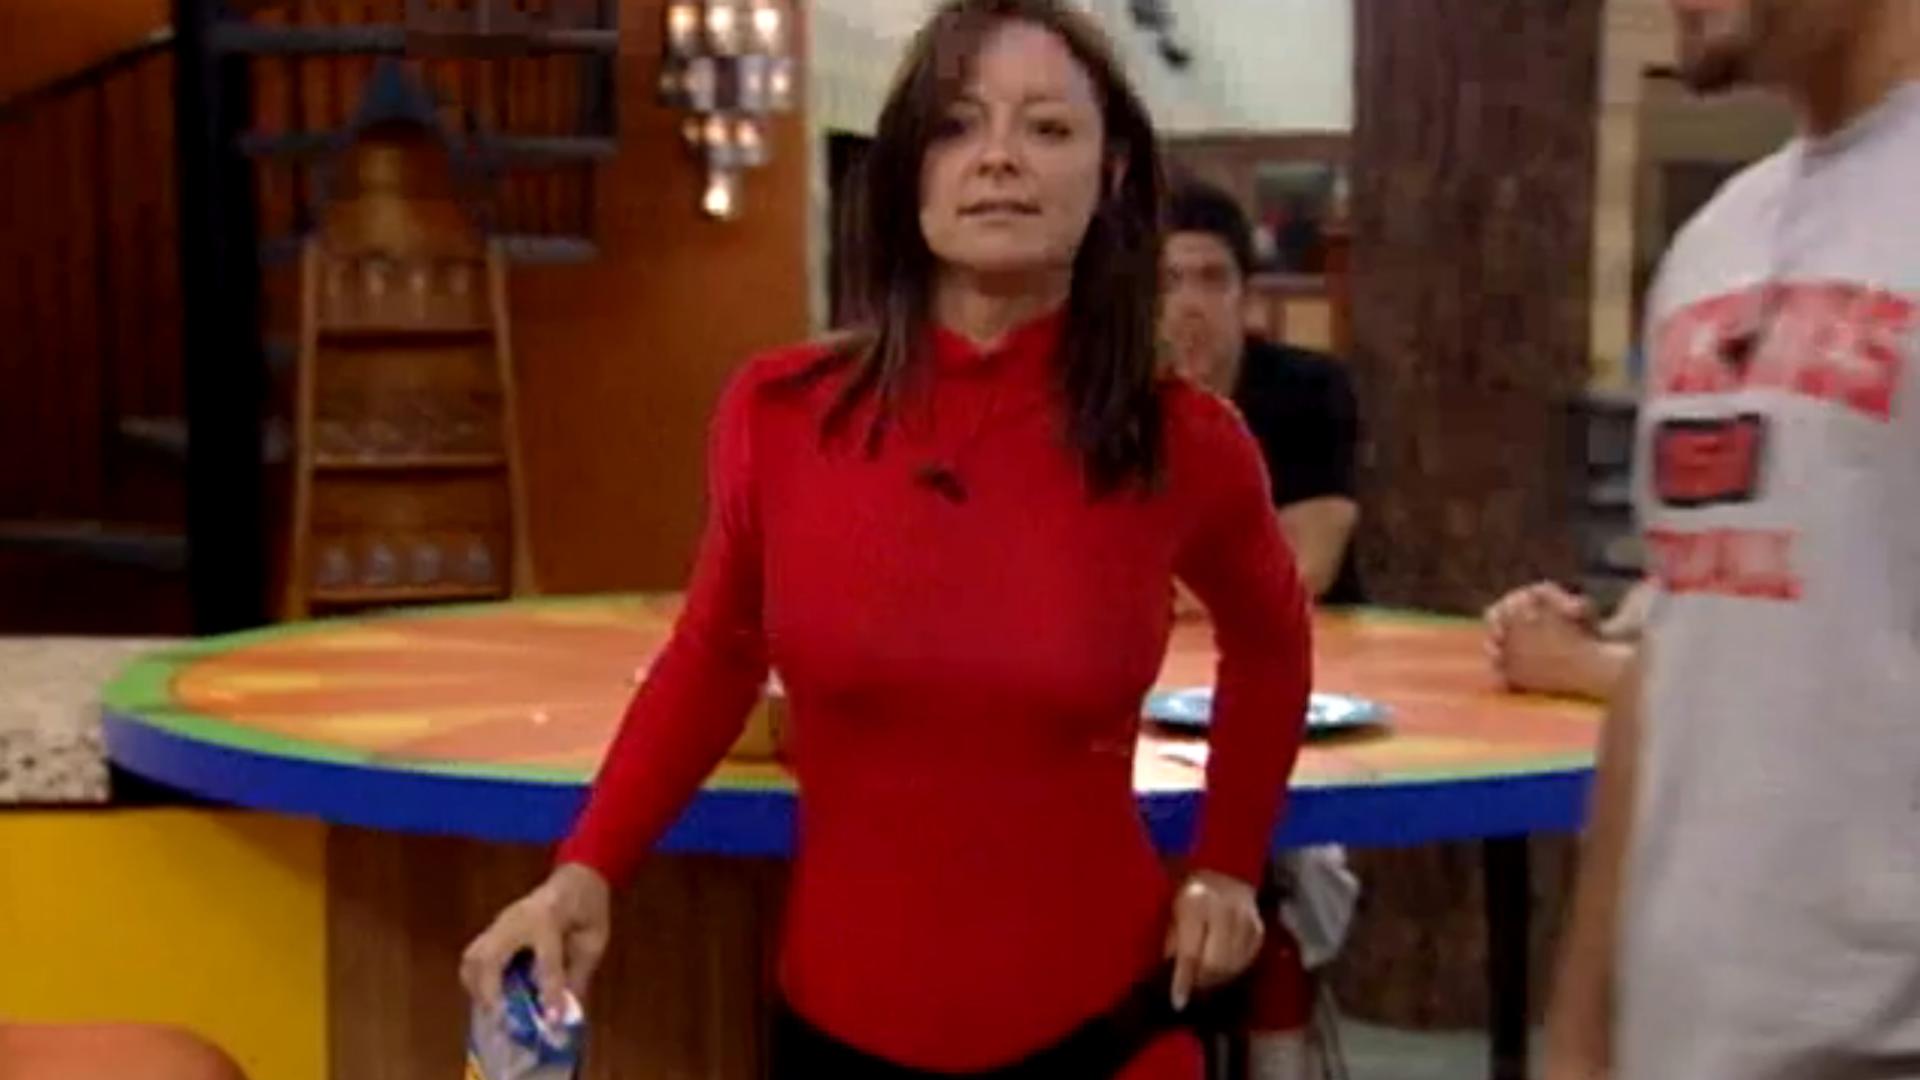 Sheila Kennedy's red unitard